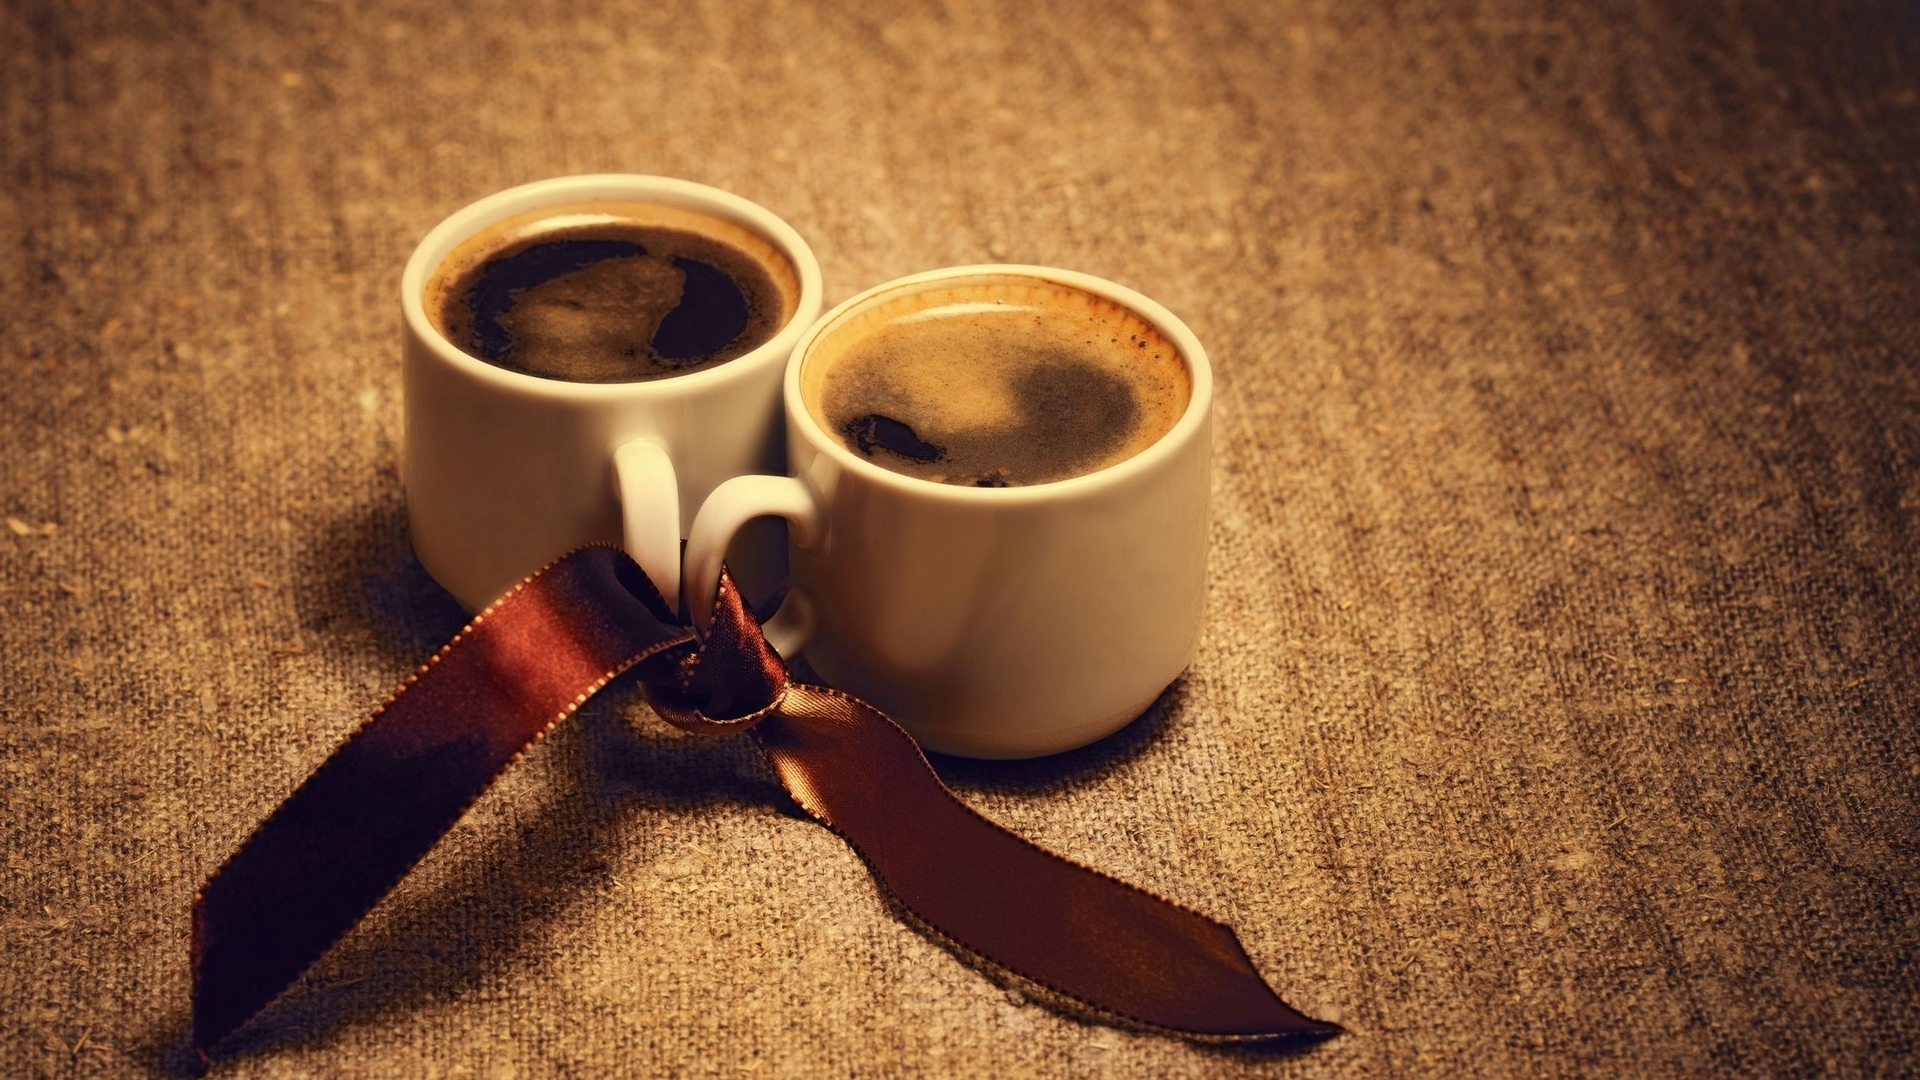 CoffeeCup Photo Gallery - Baixar verso gratuita para PC